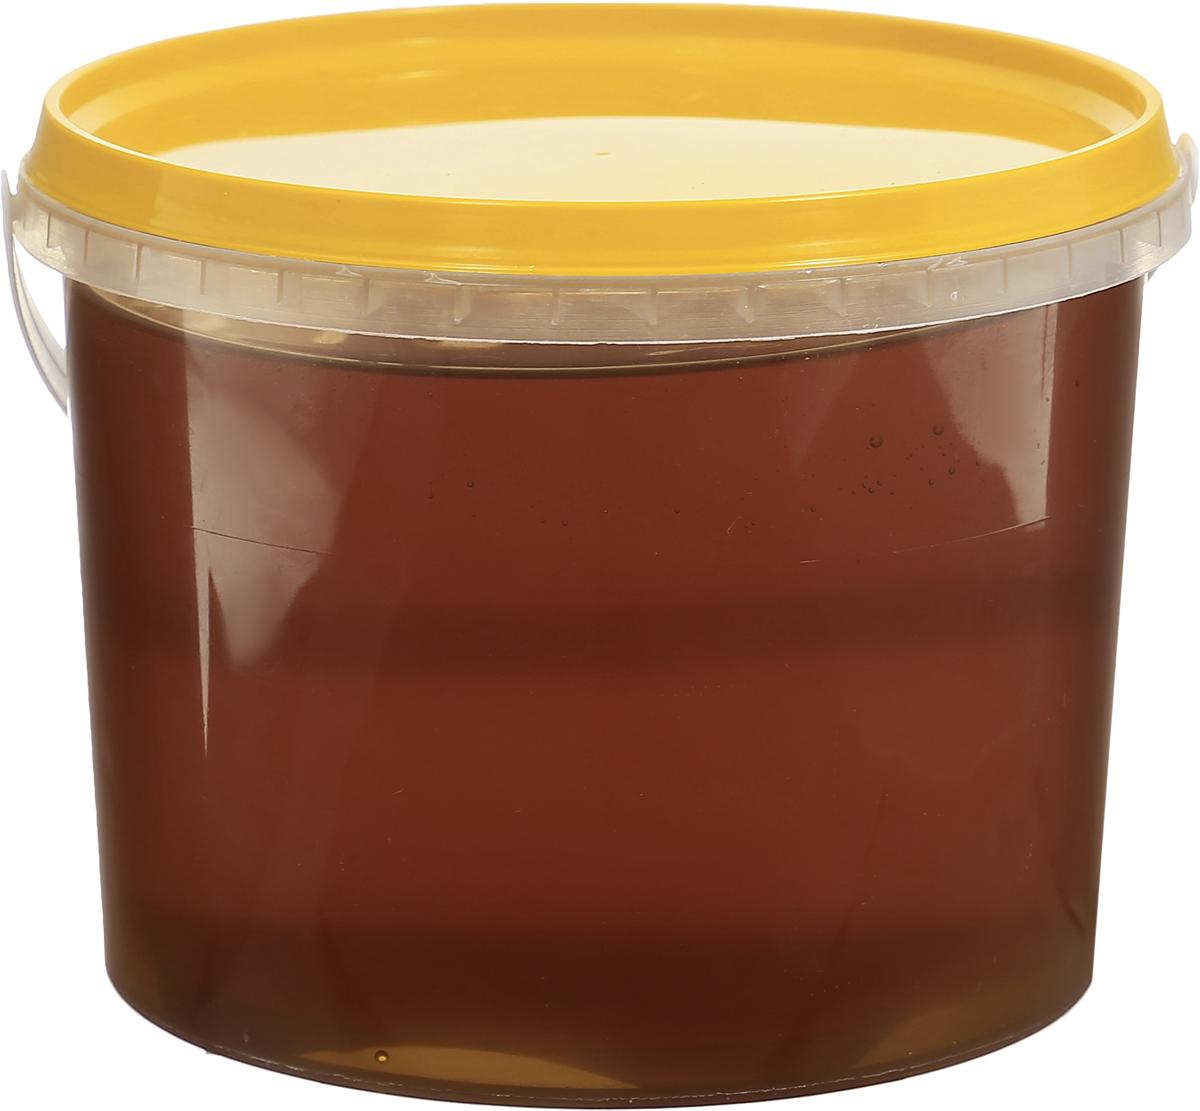 Медовед мед натуральный таежный, 1 кг0120710Мед натуральный таежный Медовед. Цвет такого меда варьируется от светло-коричневого до темно-коричневого. Вкус и запах весьма ароматный. Таежный мед имеет специфический, ярко выраженный вкус, удивительный насыщенный аромат таежных просторов и сильные лечебные свойства.Таежный мед рекомендуют для стабилизации давления, для расширения коронарных сосудов, для снижения отеков сердечного происхождения - то есть лечения заболеваний сердца. Таежный мед хорошо выводит из организма шлаки, укрепляет иммунитет, а также используется как мочегонное средство. Мед особенно хорош в гинекологическом лечении. Таежный мед используют и для детского питания, так как он характеризуется в первую очередь, как общеукрепляющее средство для человеческого организма.